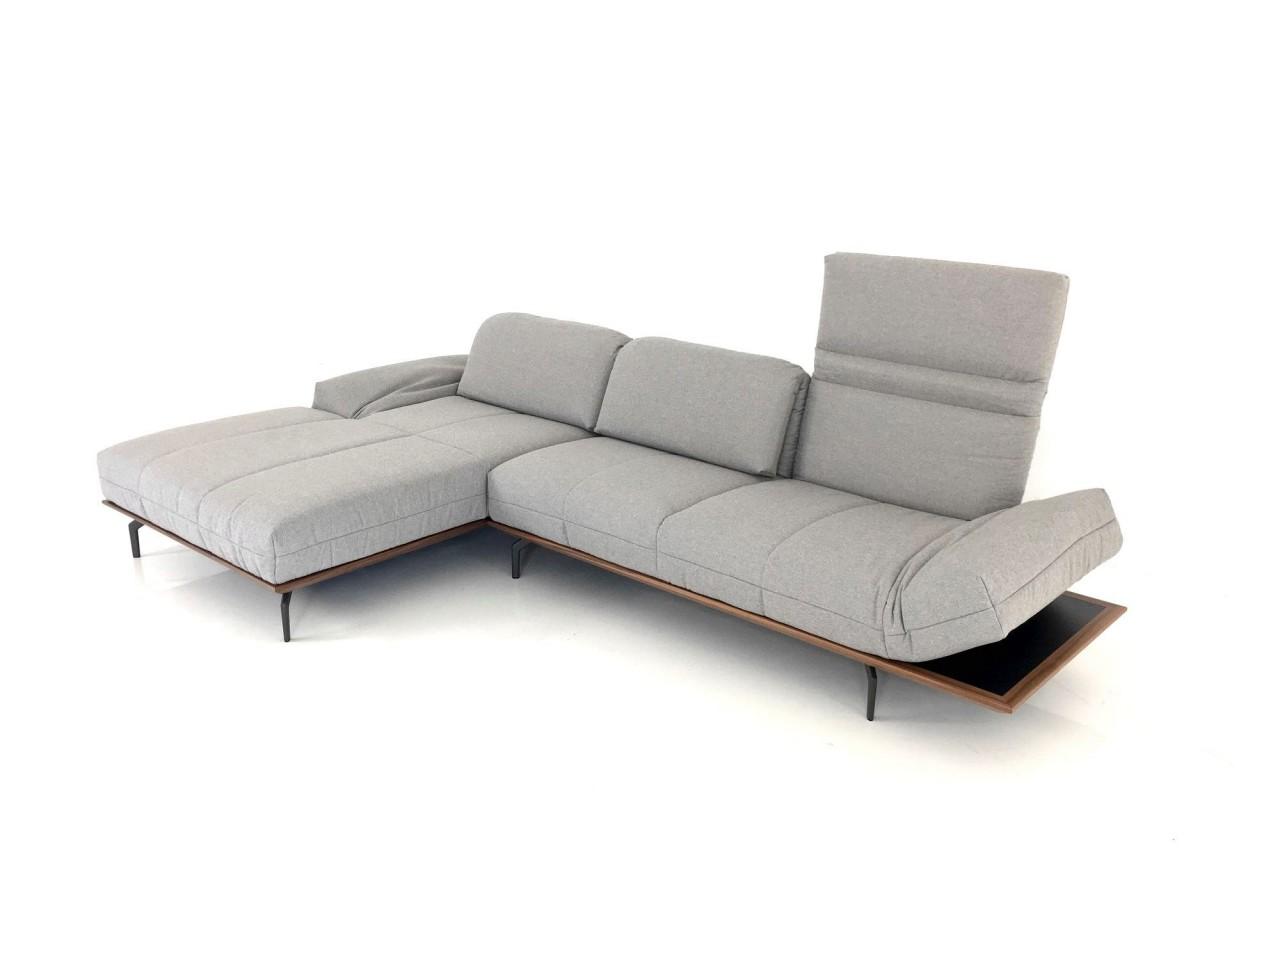 Full Size of Sofa Mit Recamiere Ikea Ektorp Ecksofa Schlaffunktion Rechts 3er Oder Links Ledersofa Braun Und Relaxfunktion Klein Schlafsofa 200 Cm Hlsta Hs420 Linker In Sofa Sofa Mit Recamiere